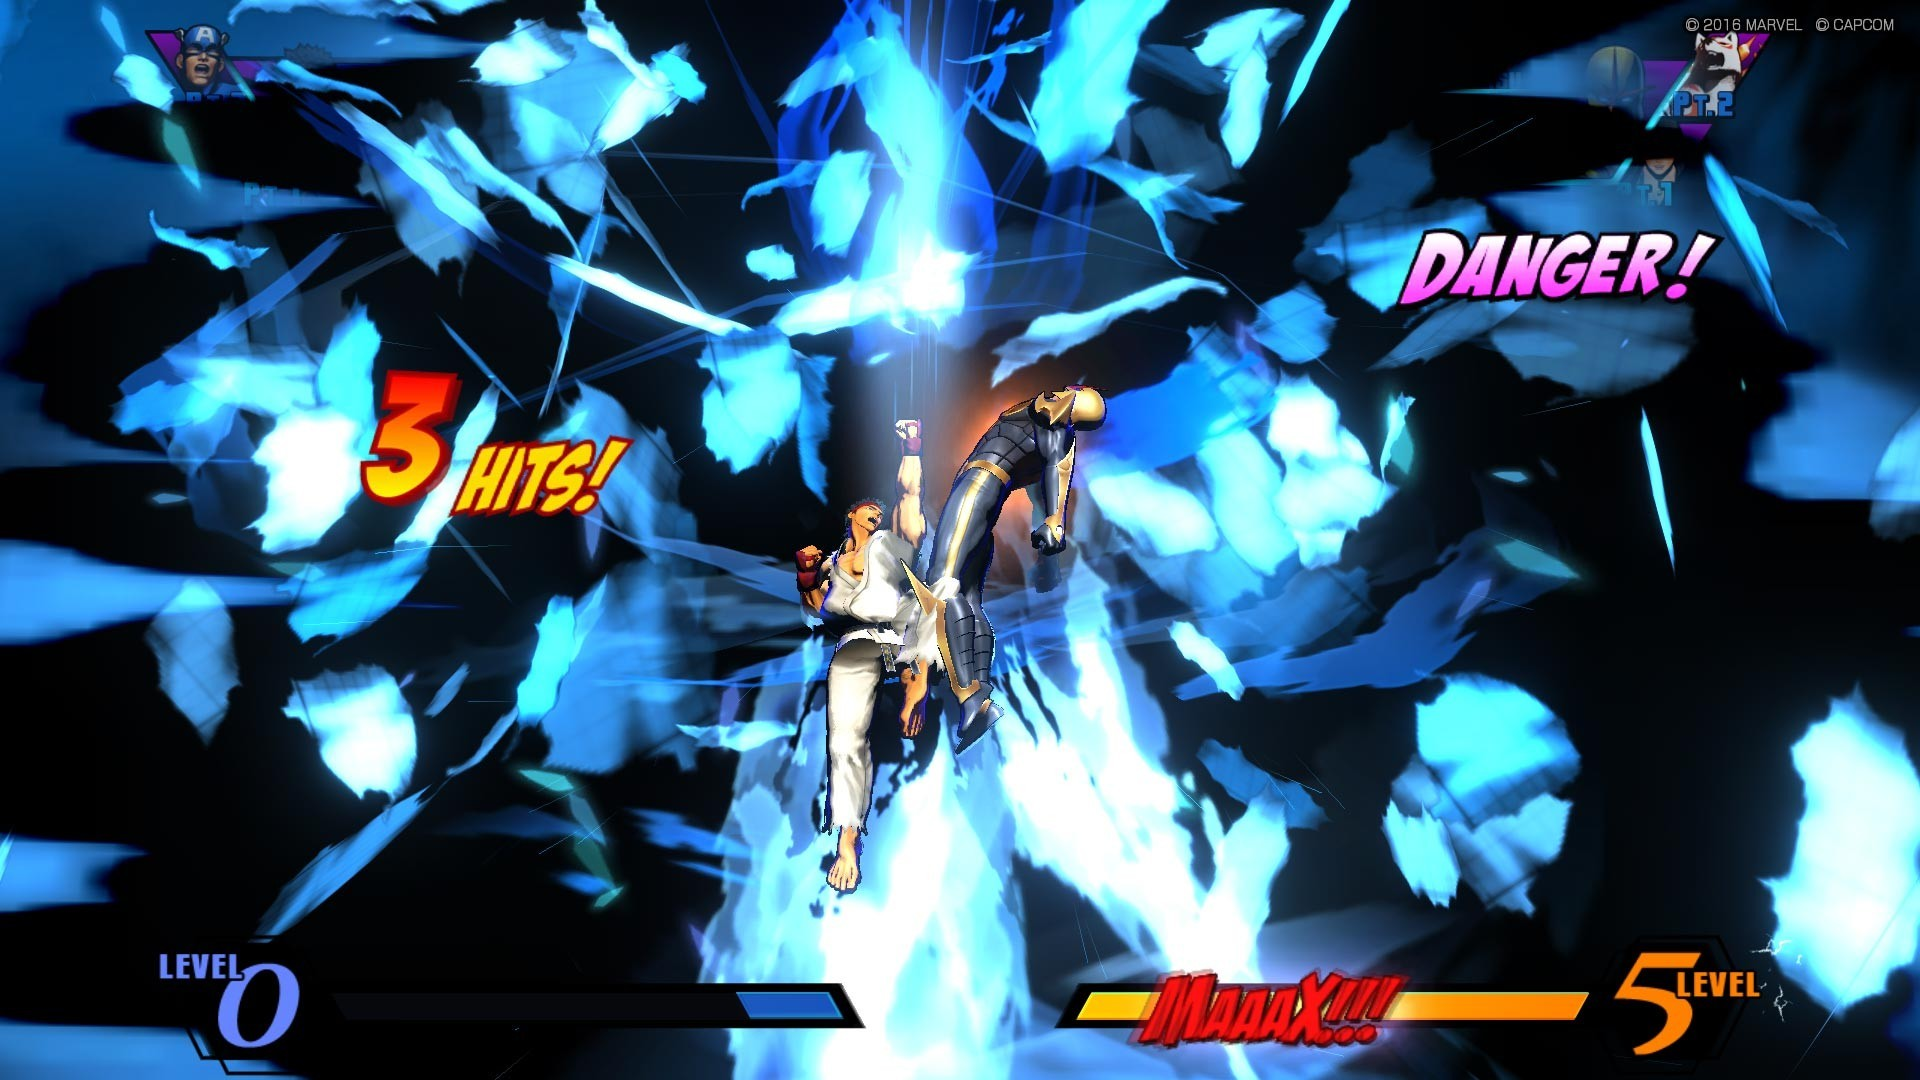 Marvel Vs Capcom 3 Wallpaper 81 Pictures